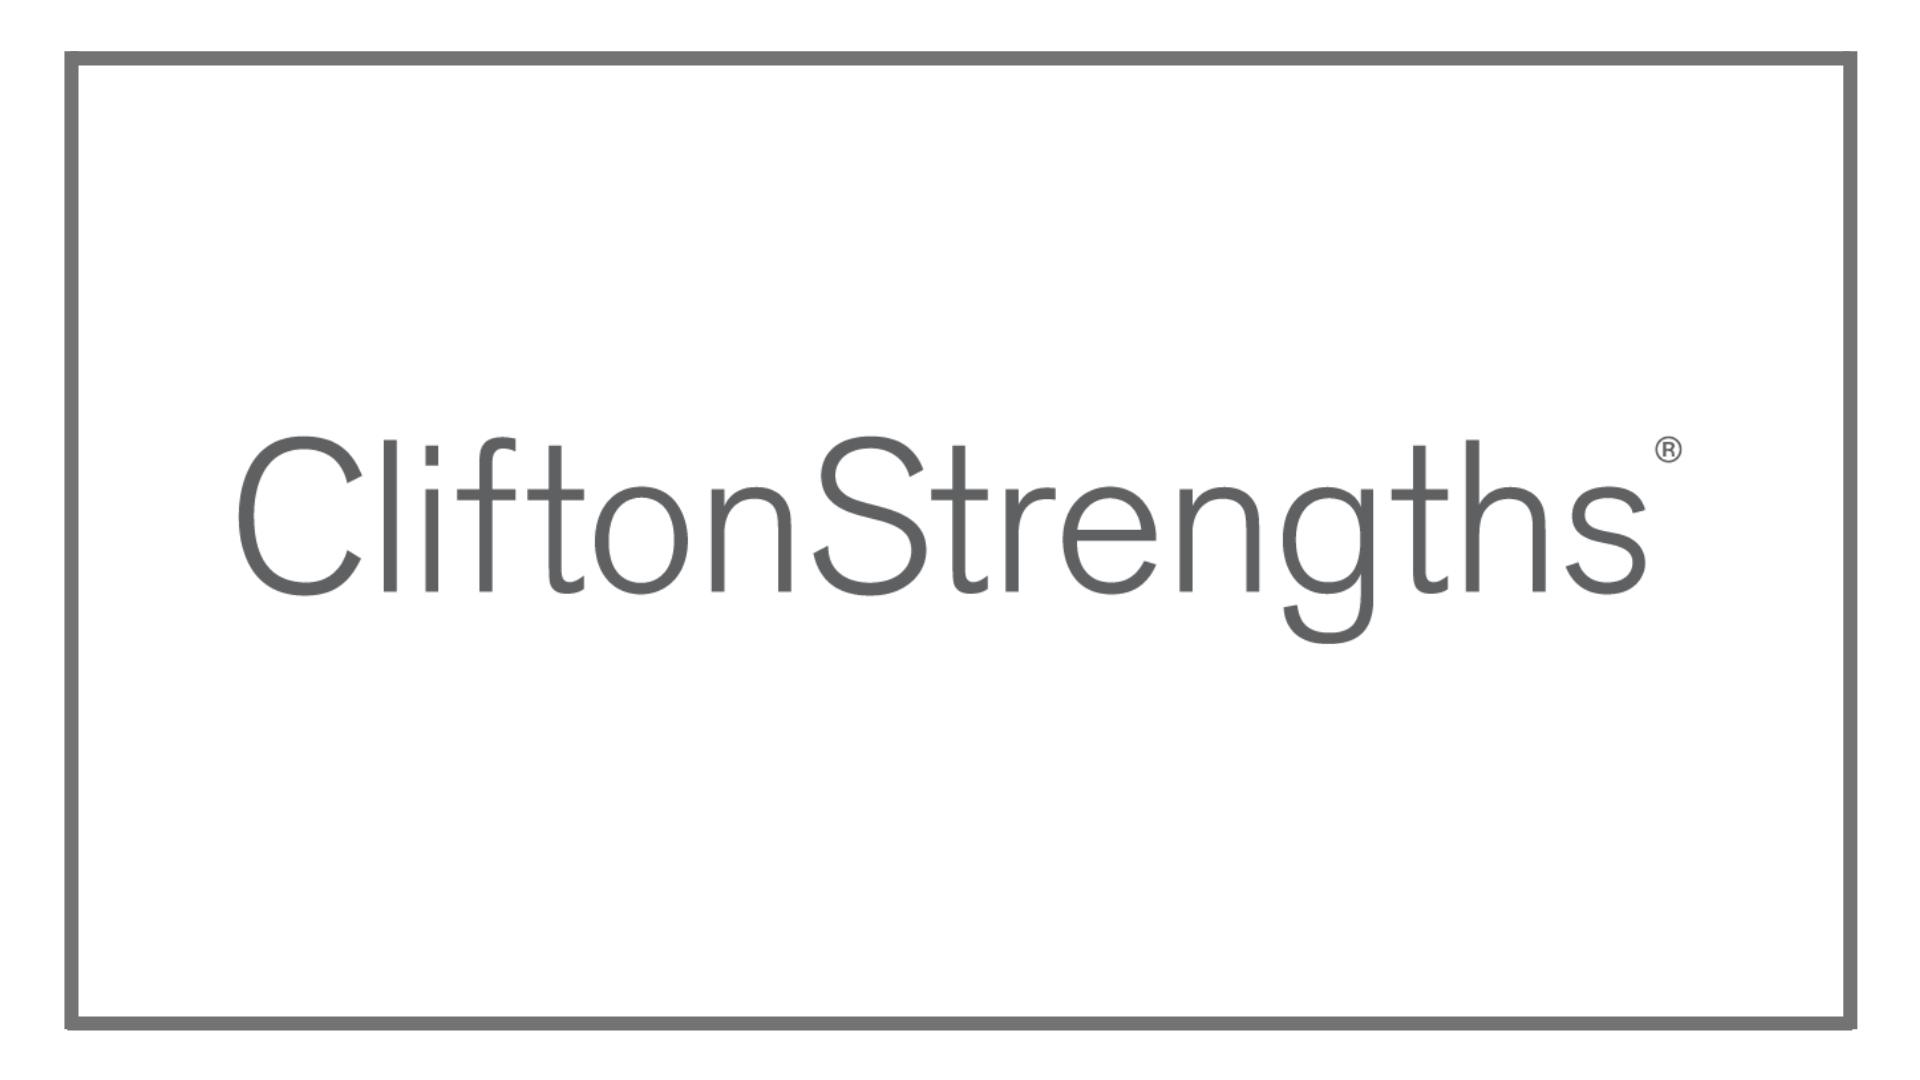 cliftonstrengths-header(2).png